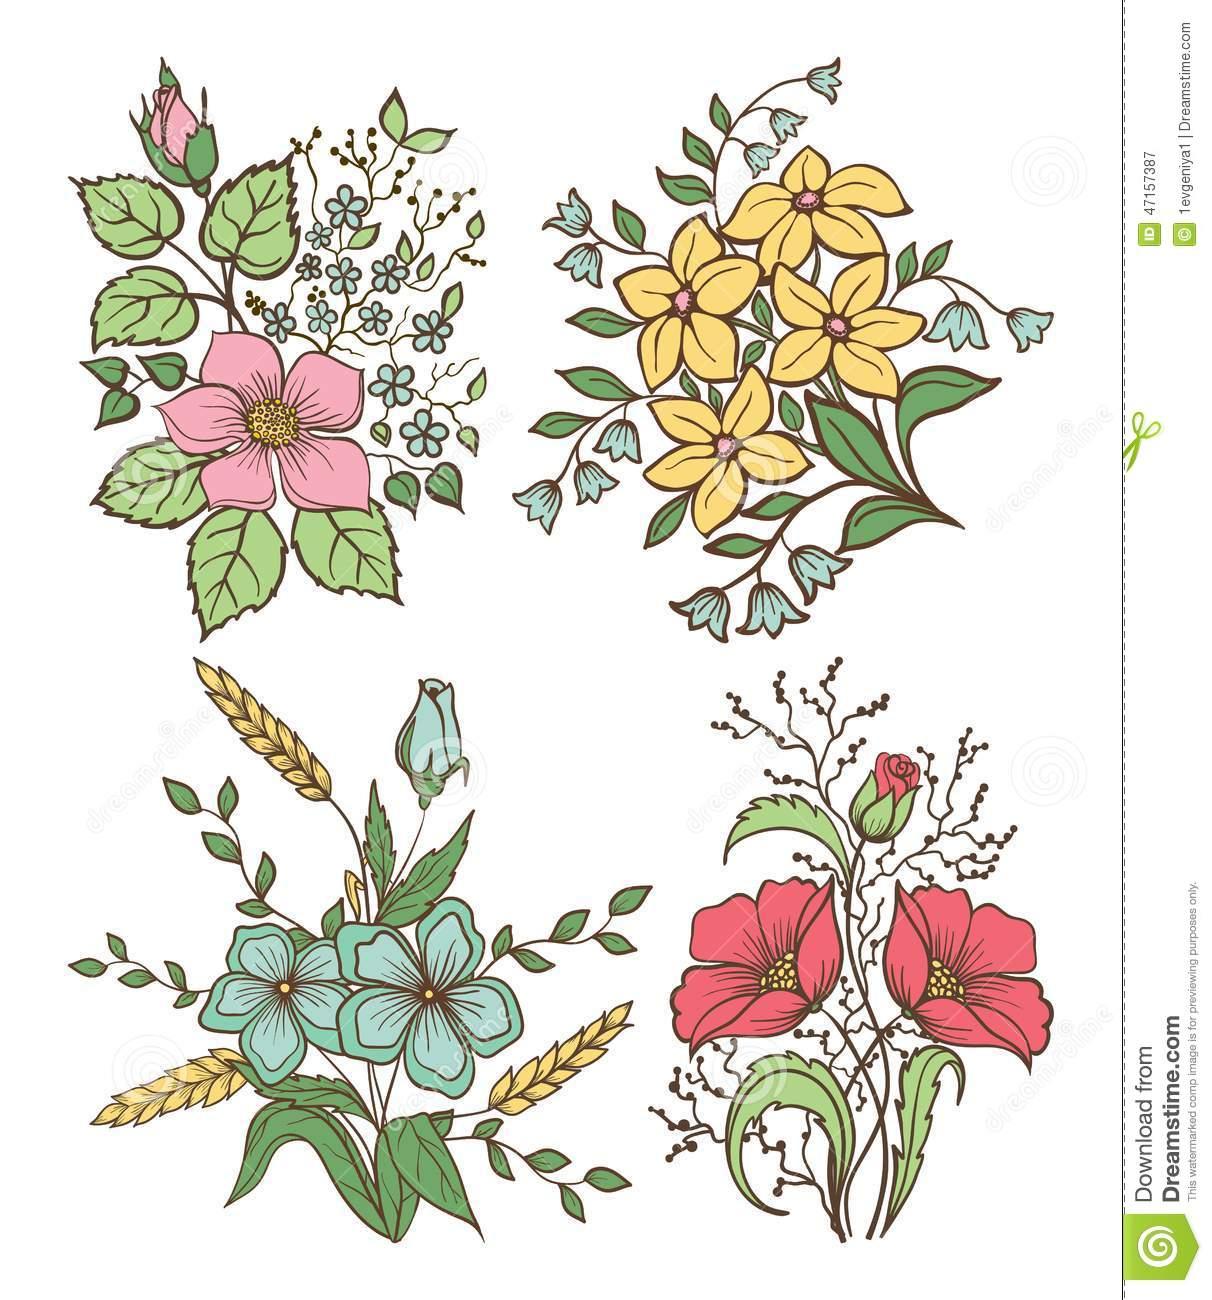 1212x1300 Vintage Flower Drawings Drawn Vintage Flower Floral